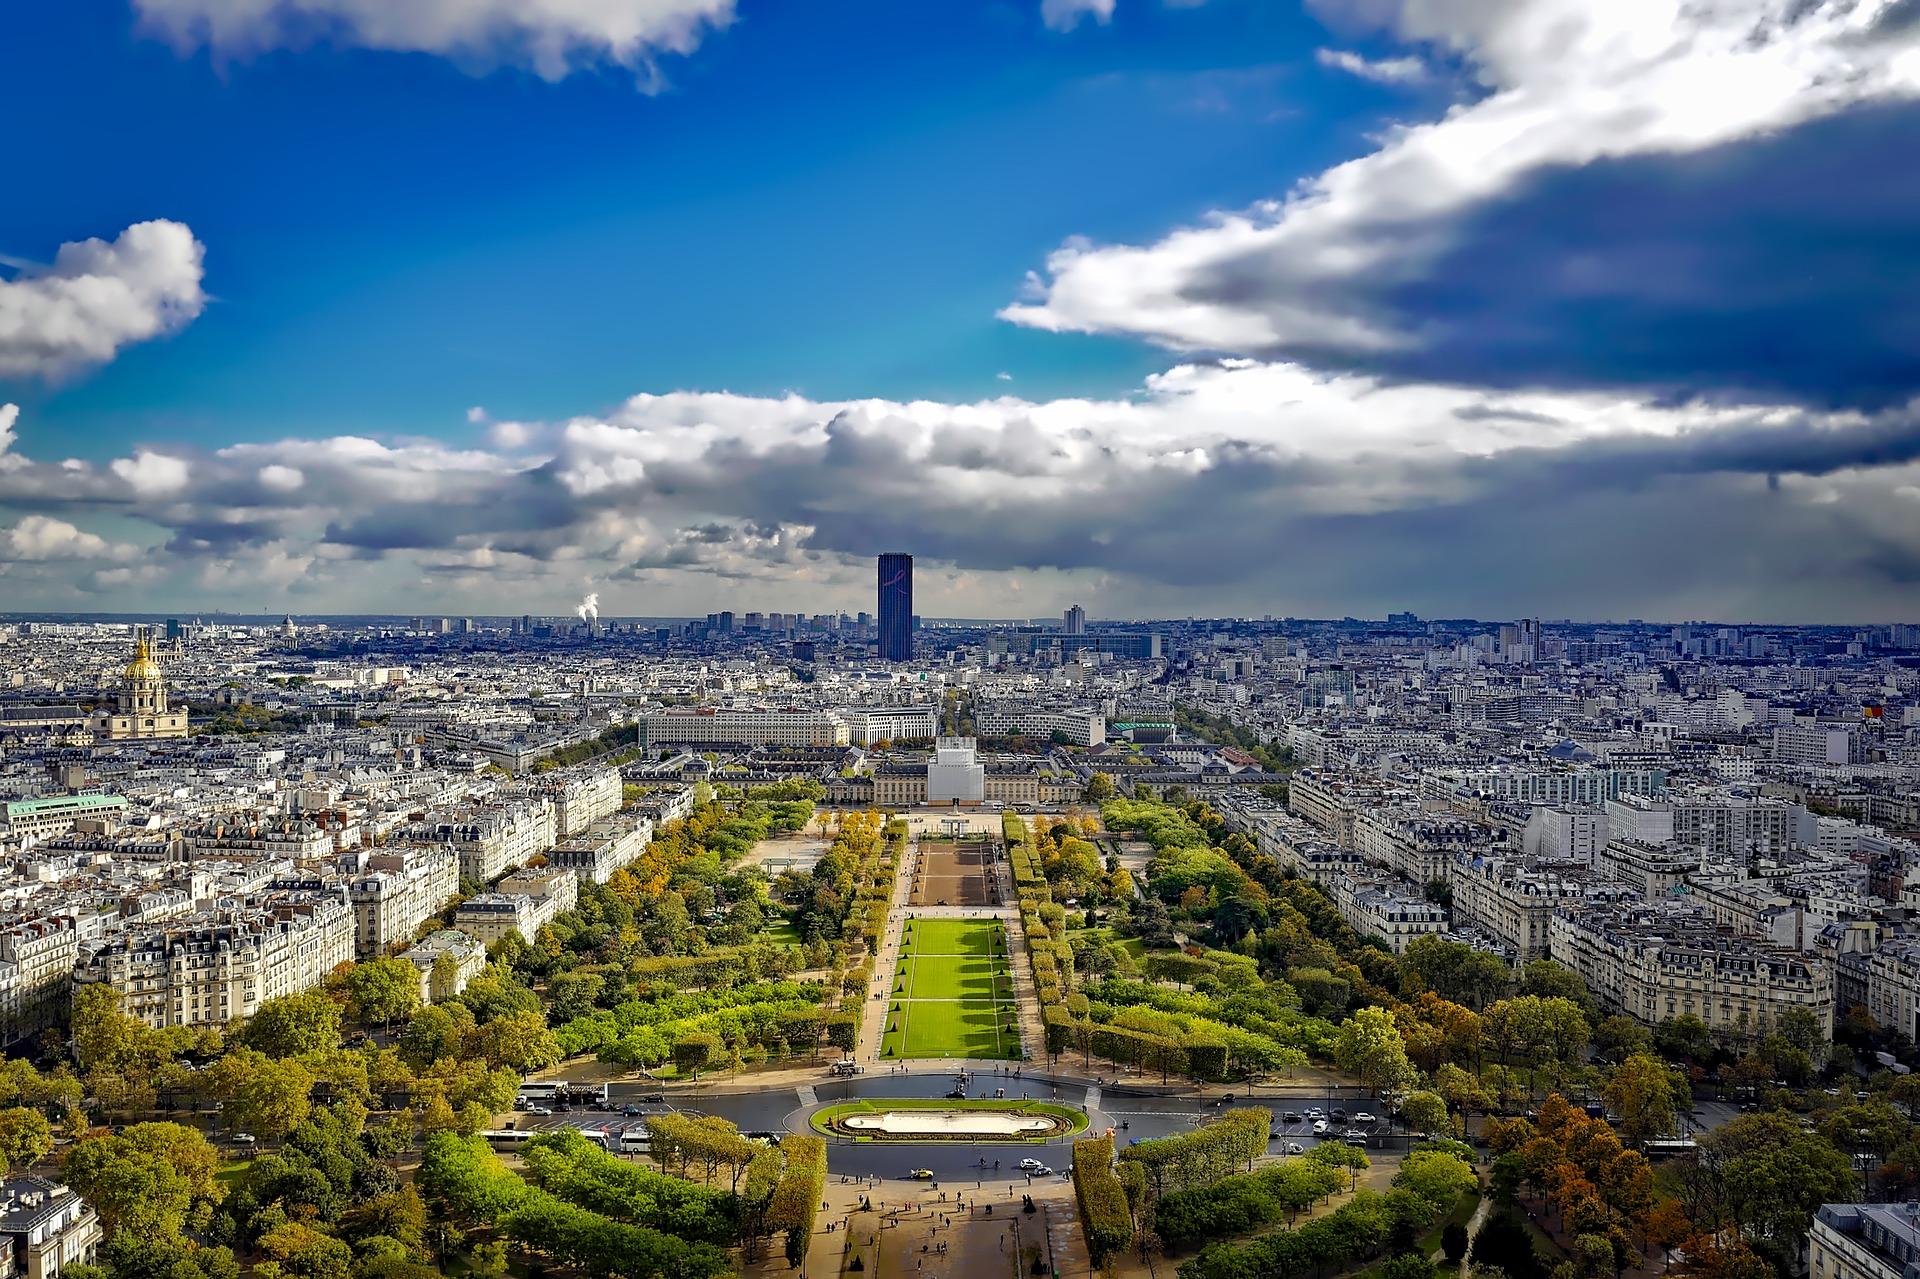 Fréquentation touristique : des chiffres solides malgré les Gilets Jaunes